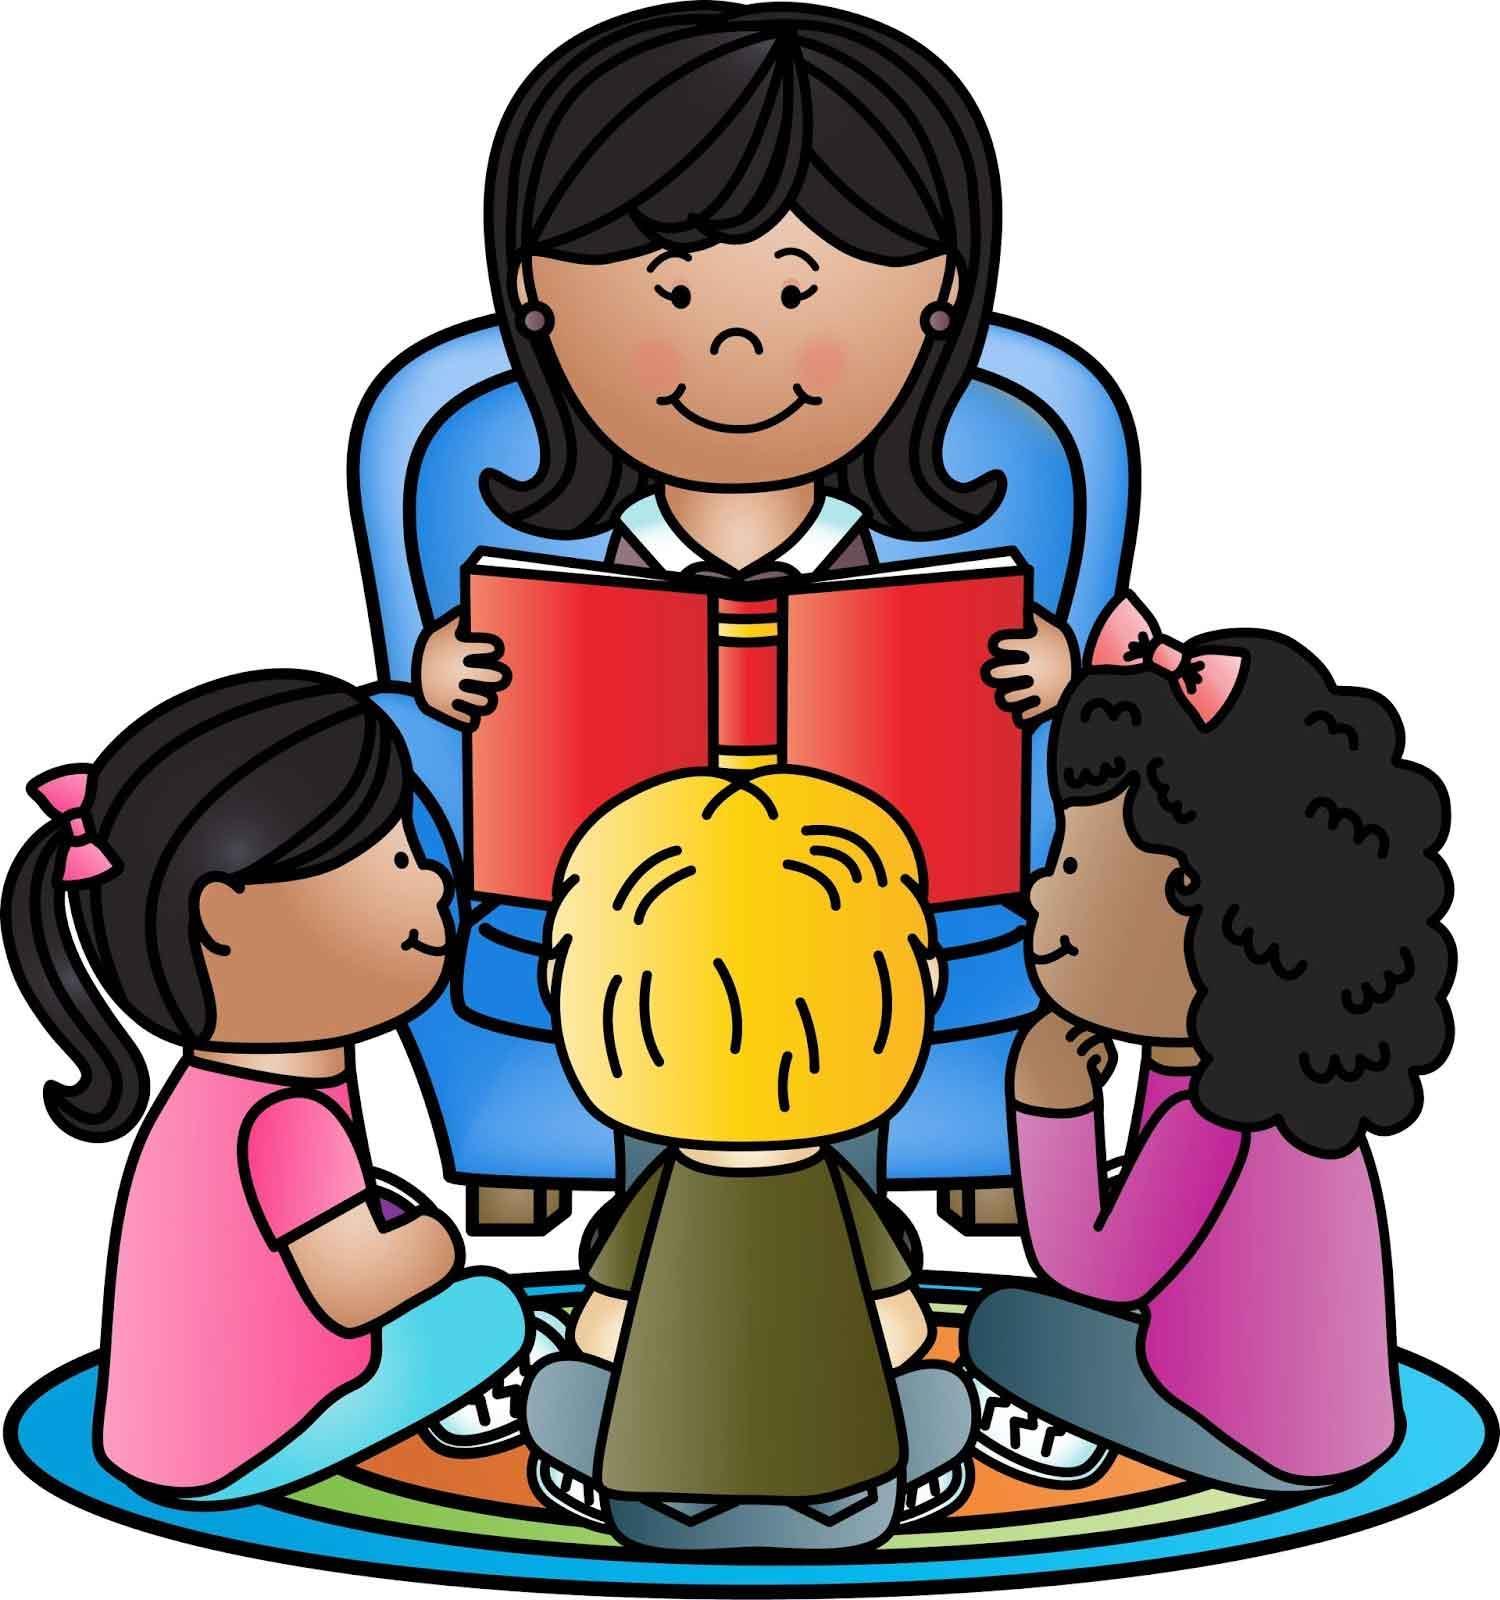 पंजाब हरियाणा में कम है डेपुटेशन टीचर्स का कोटा : 20 प्रतिशत टीचर्स तो  25 प्रतिशत प्रिंसिपल